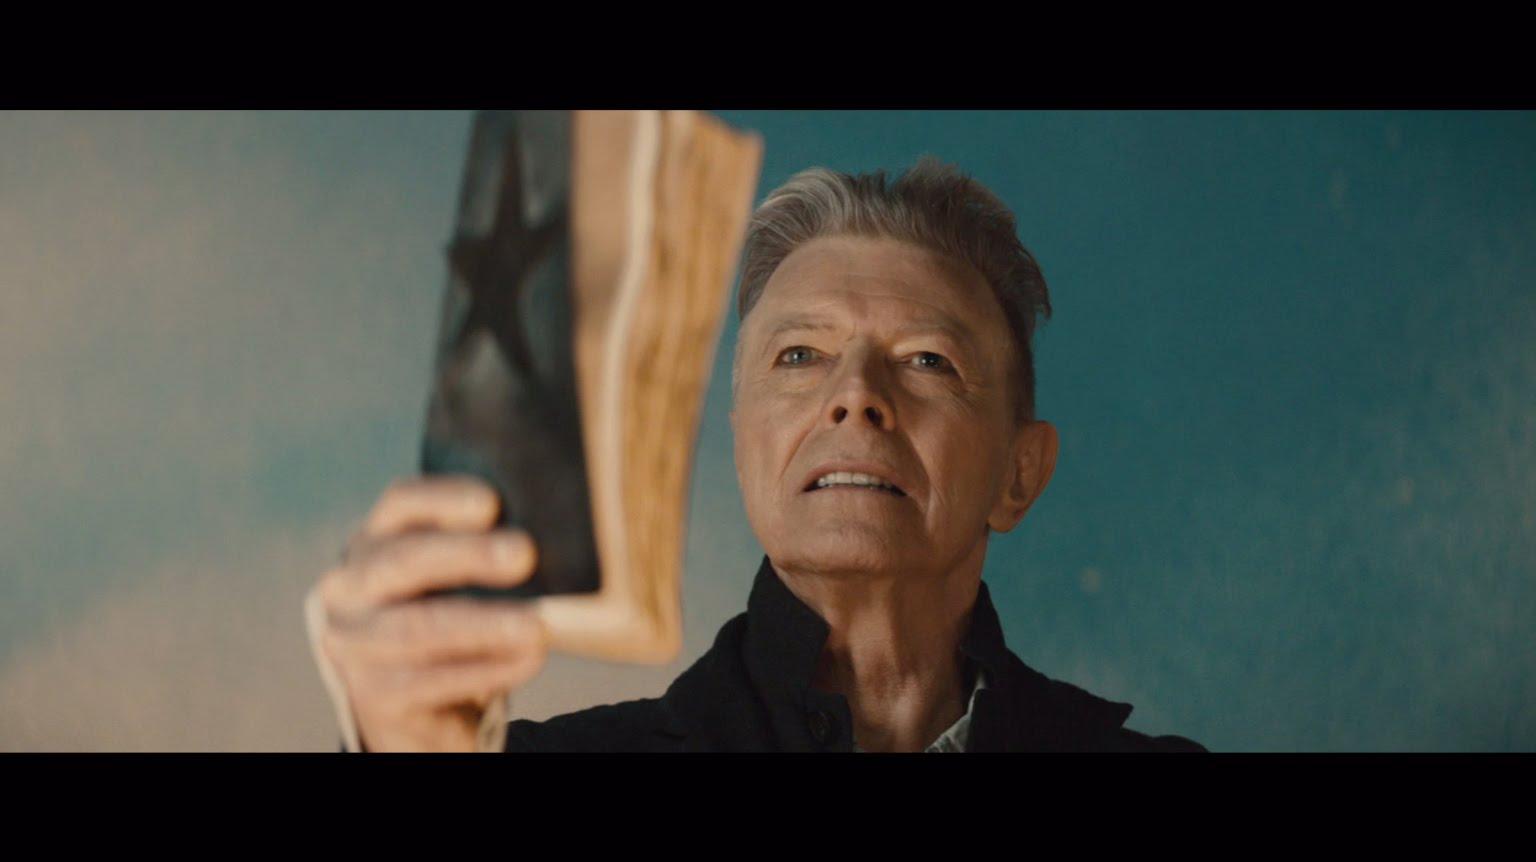 VIDEO: David Bowie objavio trailer kratkog filma koji će izaći zajedno s novim albumom